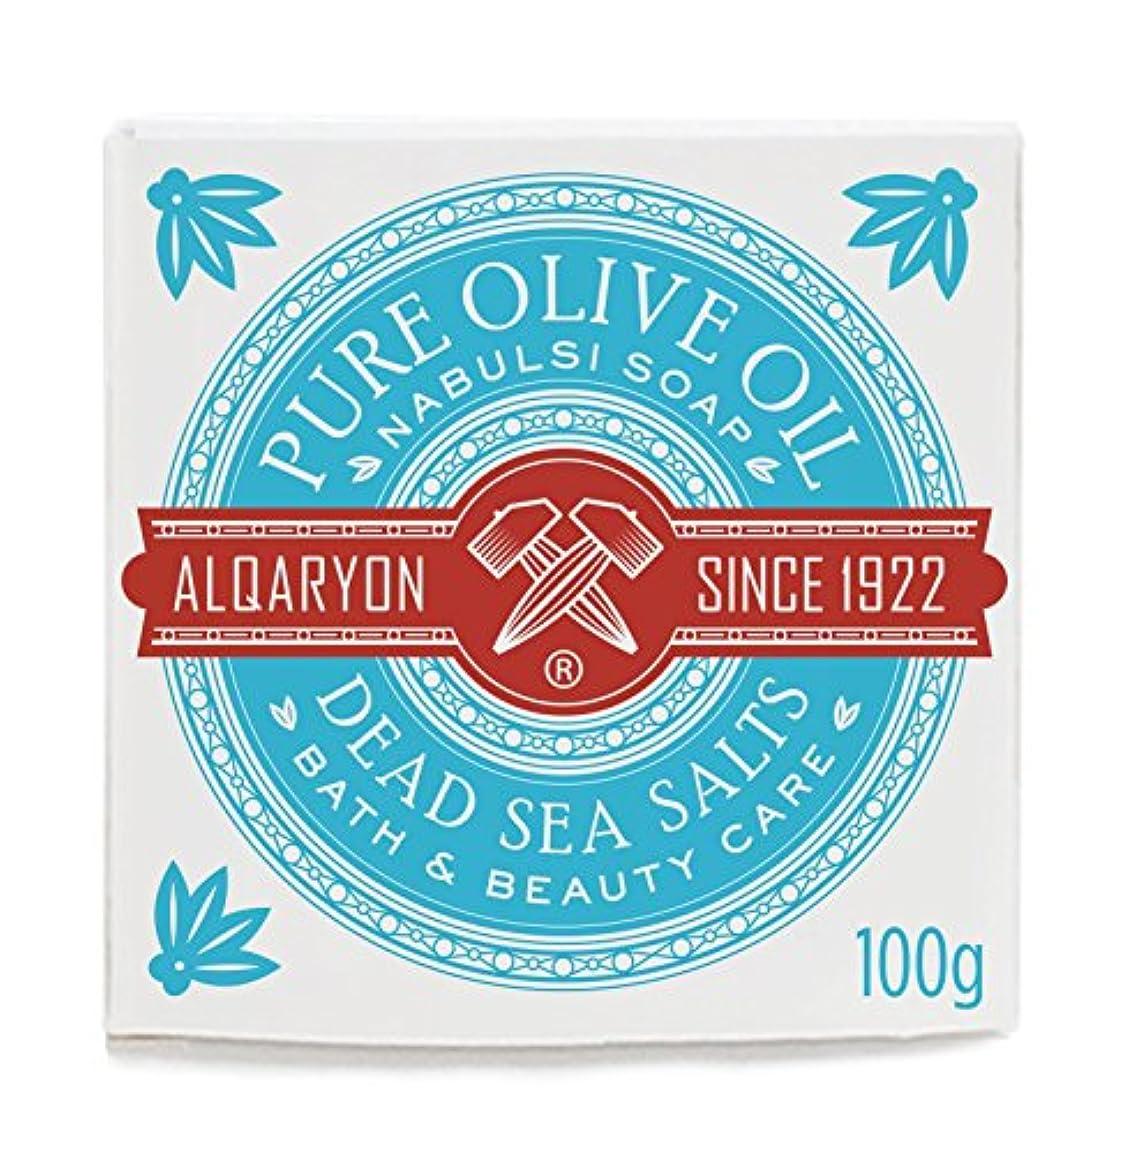 ノーブルモザイクそれからAlqaryon Dead Sea Salts & Olive Oil Bar Soap, Pack of 4 Bars 100g- Alqaryonの死海で取れる塩&オリーブオイル ソープ、バス & ビューティー ケア...